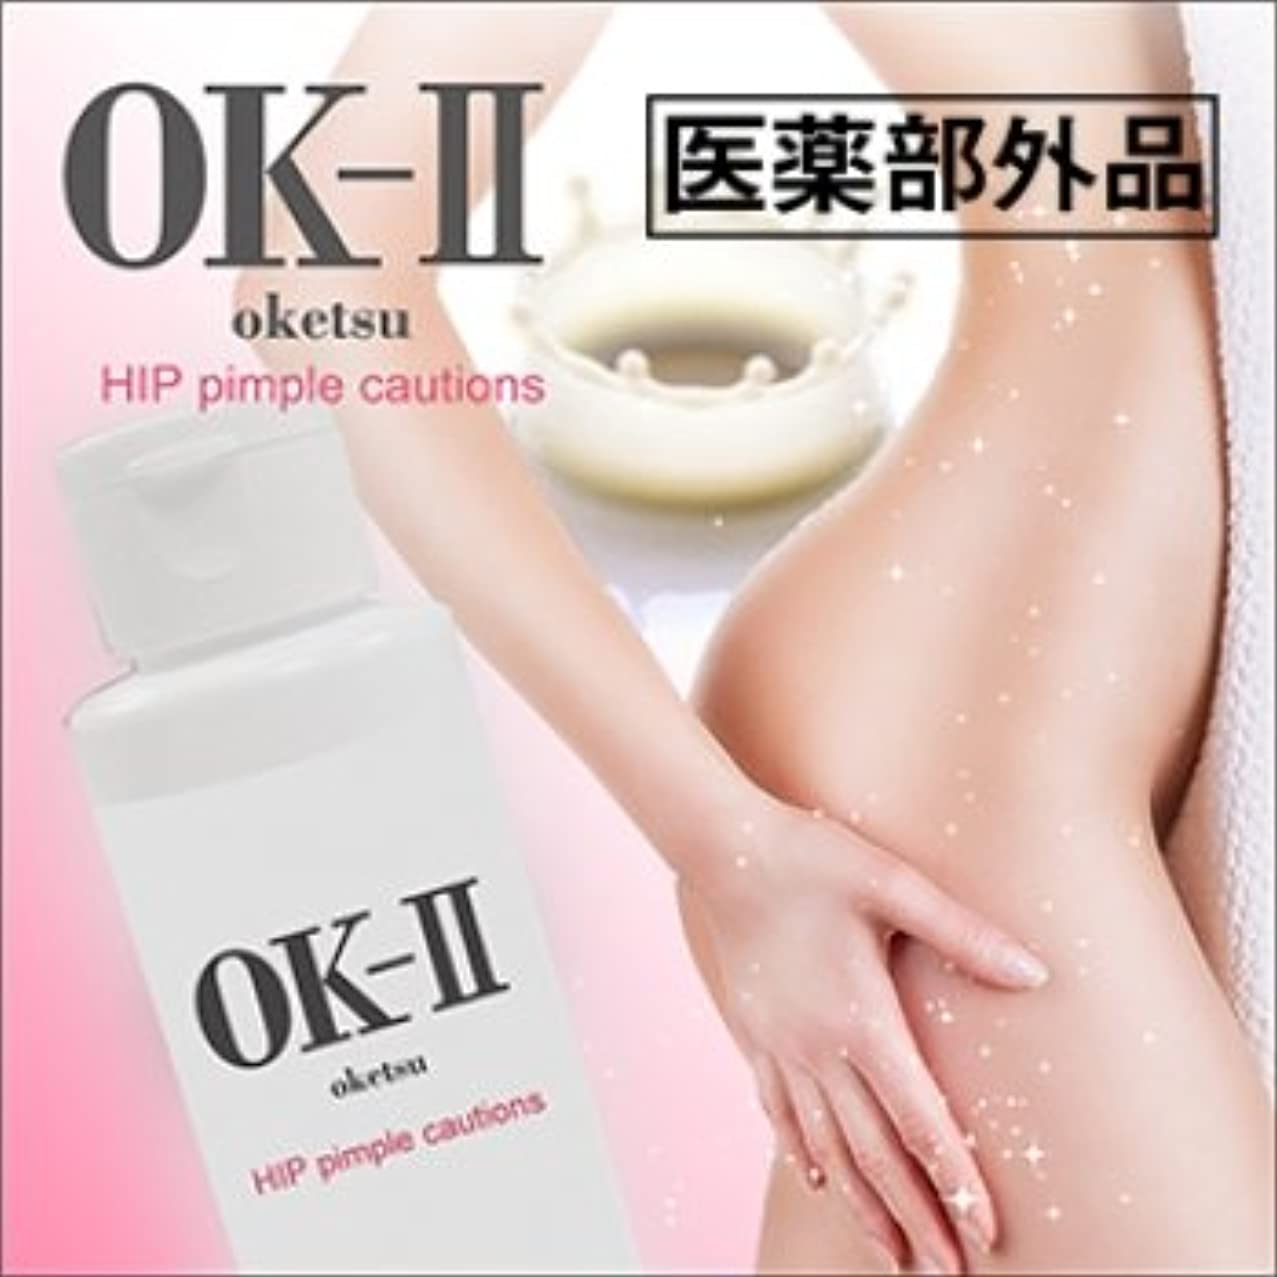 日焼け不快な電話OK-IIオッケーツー(薬用お尻ニキビケアボディ乳液)医薬部外品